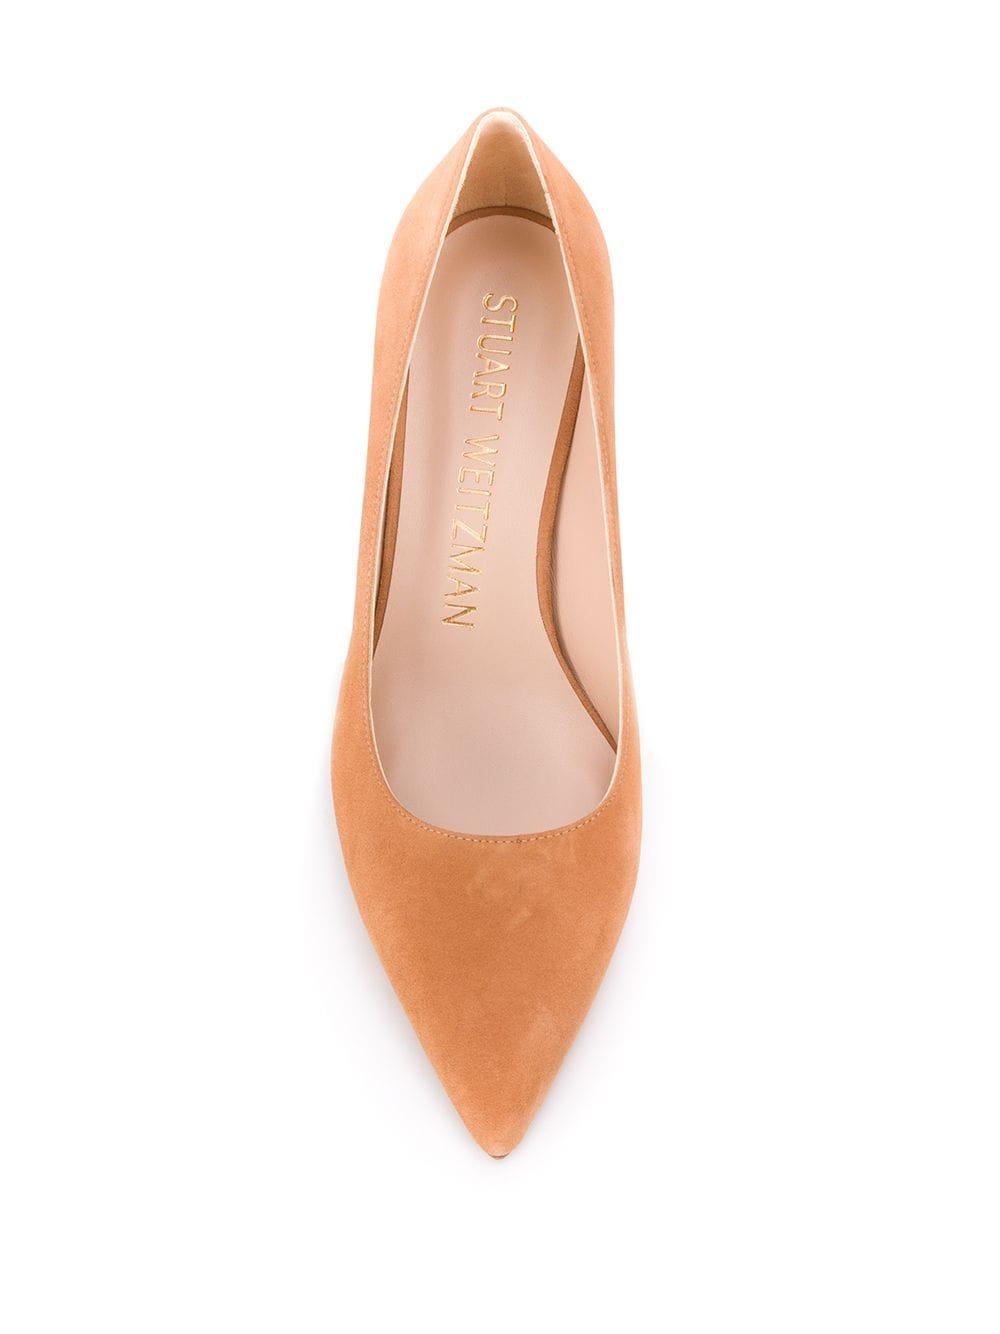 Stuart Weitzman chunky heel pumps - Brown